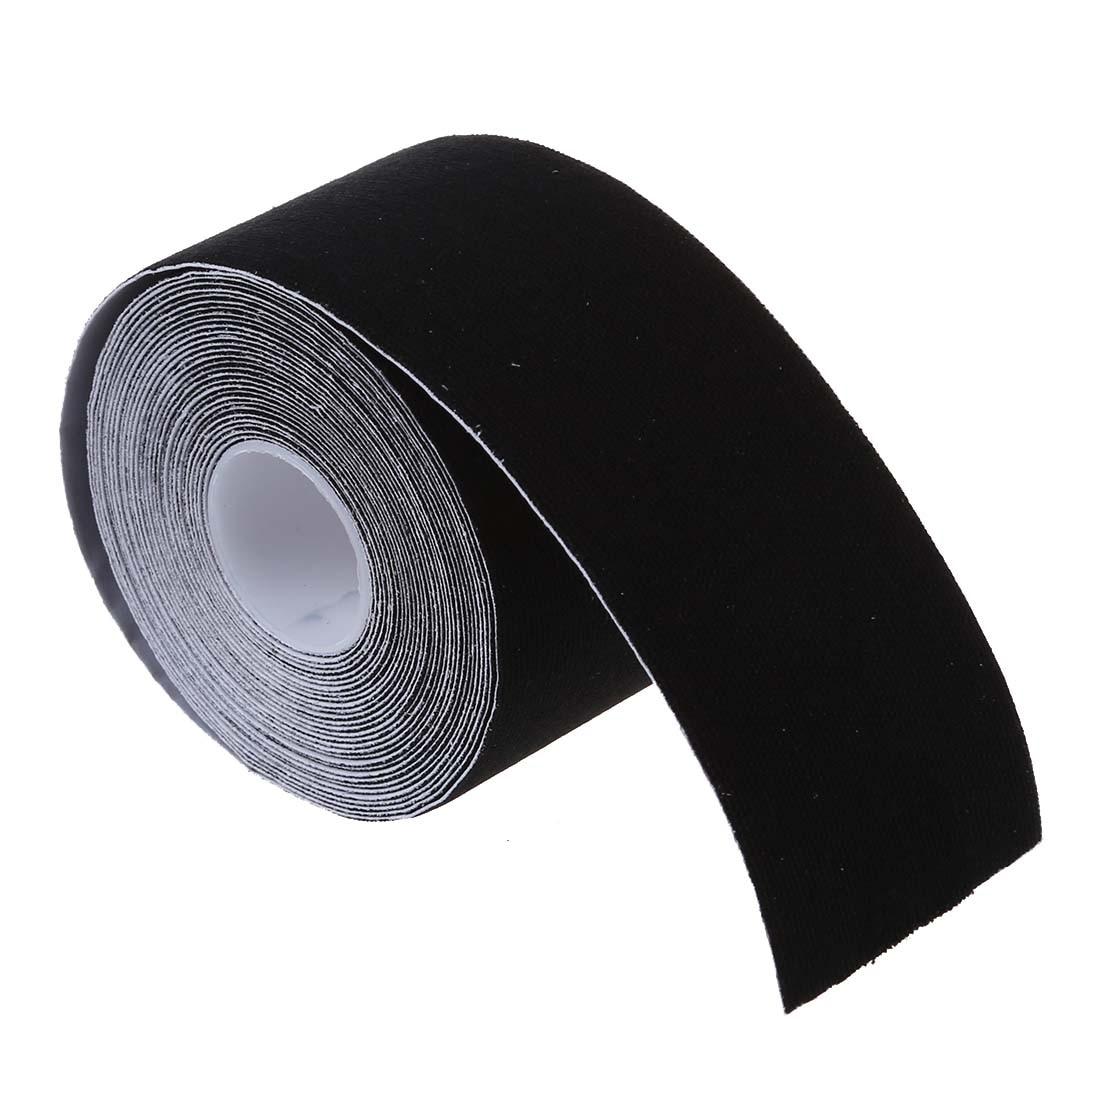 1 рулон Спортивной Кинезиологии мышцы уход Фитнес спортивные здоровья ленты 5 м * 5 см-черный